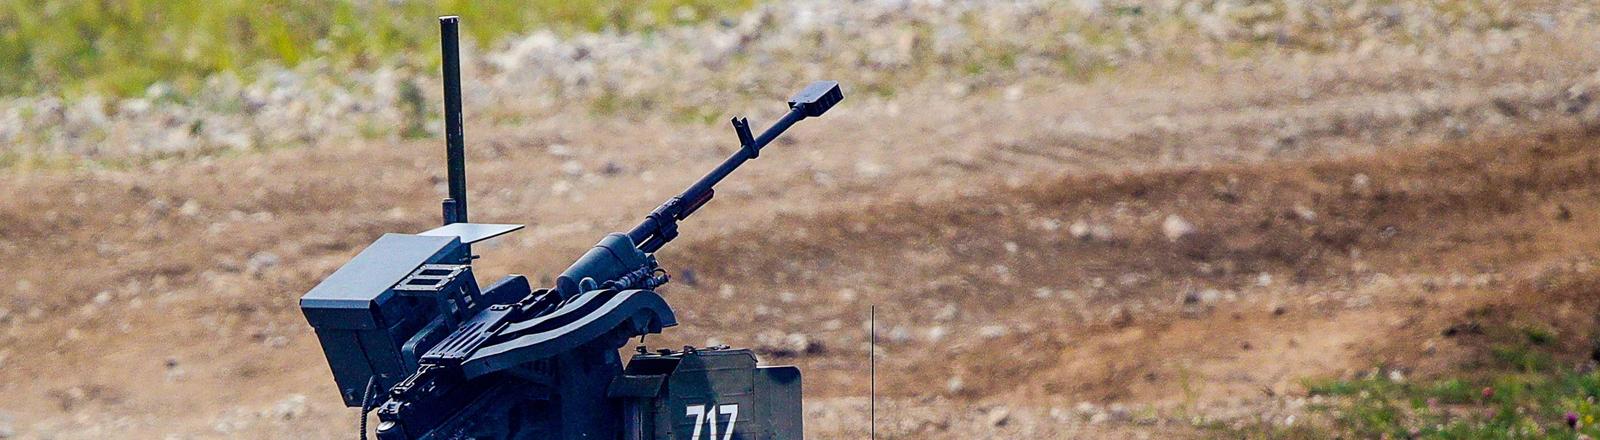 Kampfroboter der russischen Armee